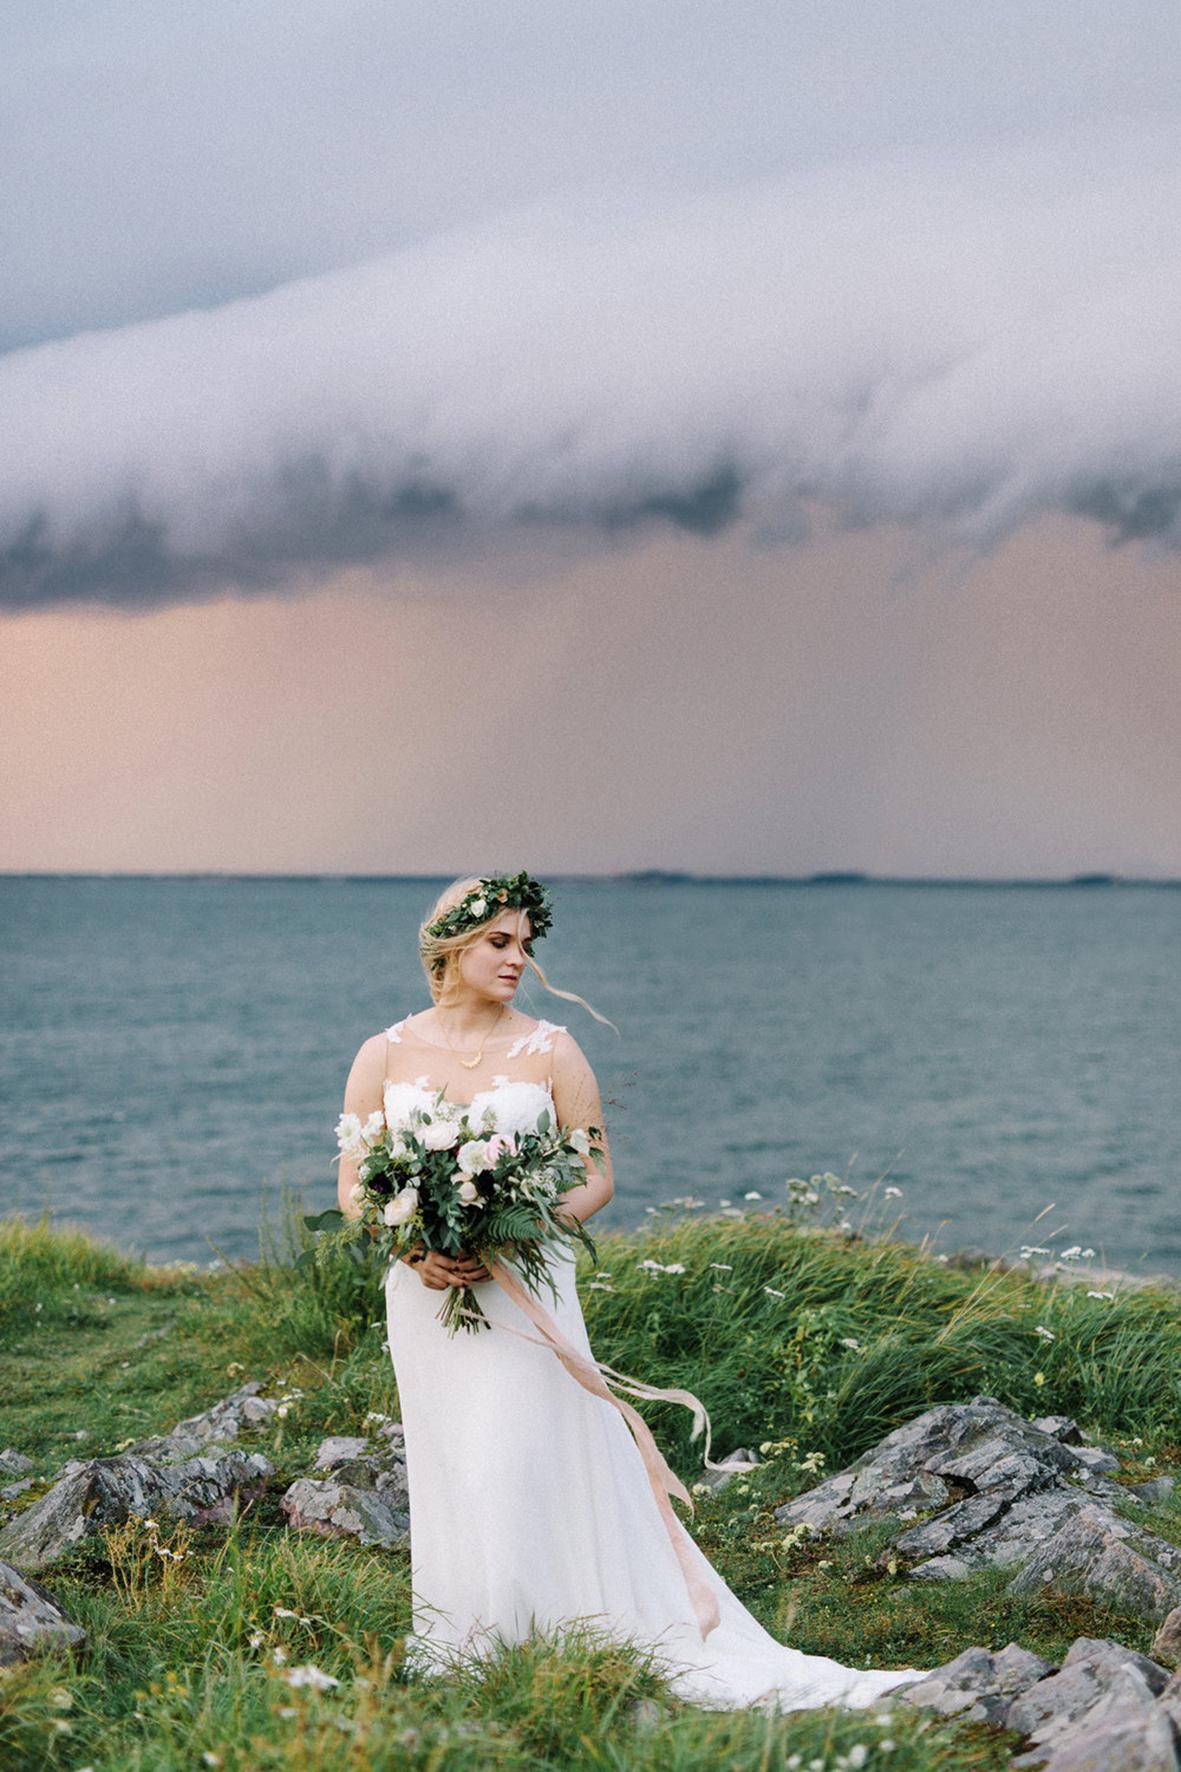 Hanna & Tommi's Indie Glam Wedding in Tenalji von Fersen, Suomenlinna